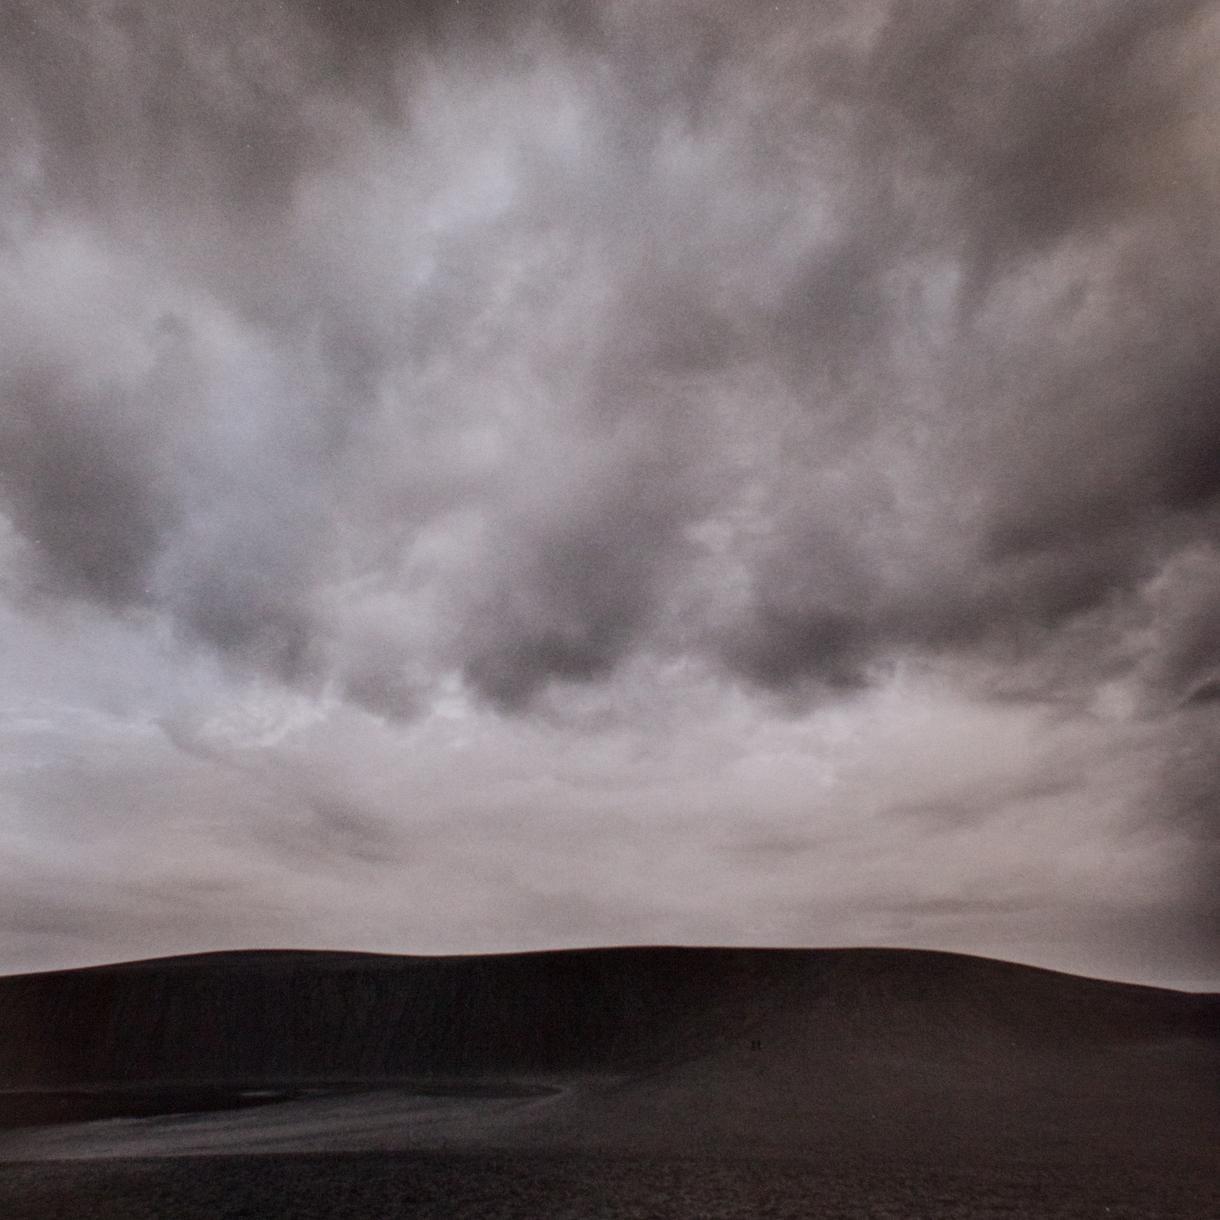 鳥取砂丘のモロクロ写真を販売します フィルムスカメラで撮影し、スキャンしたものです